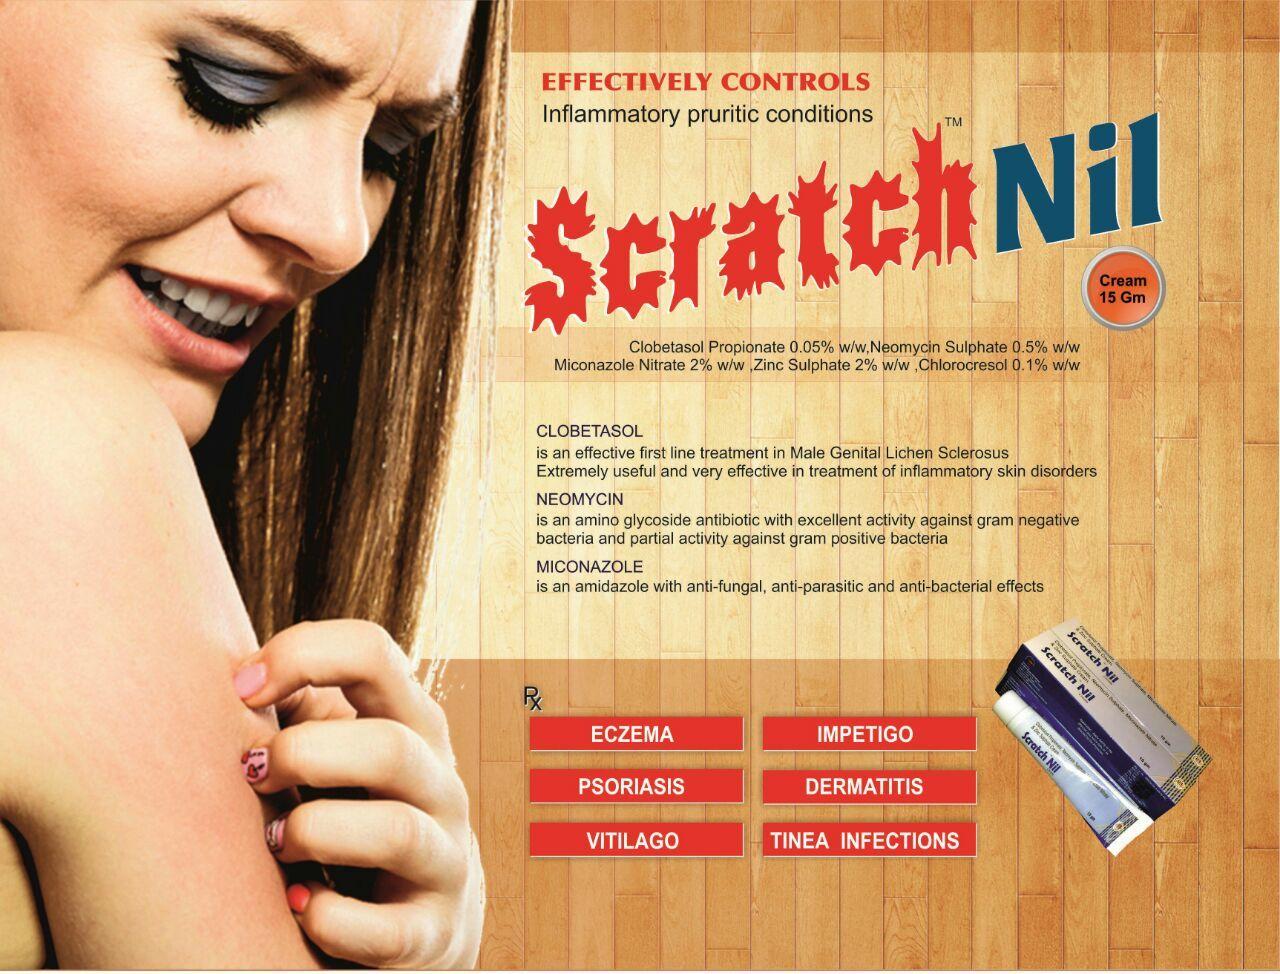 Scratch Nil Ointment